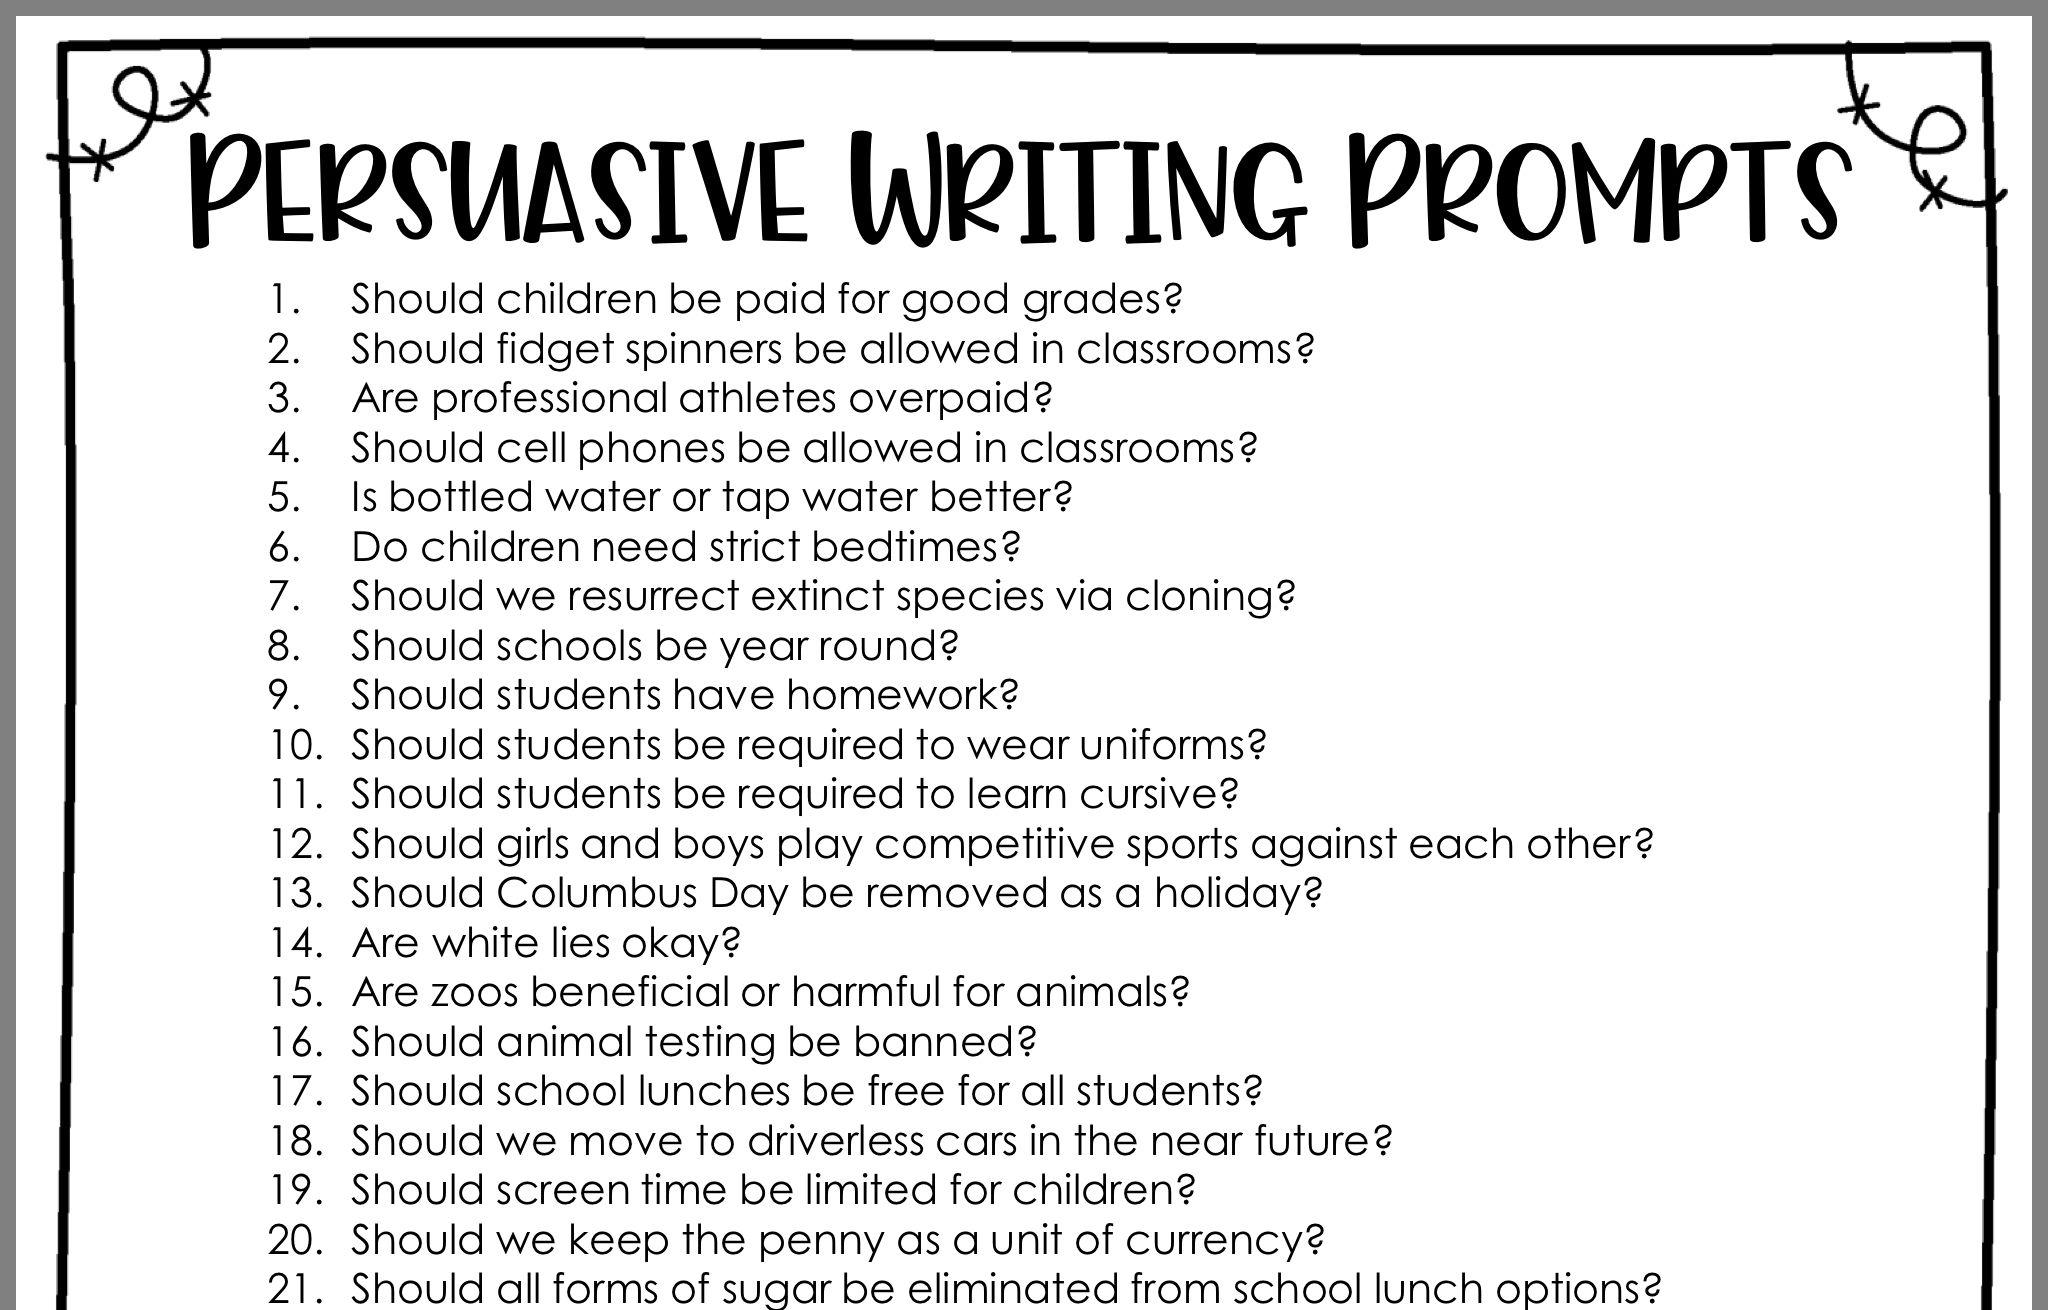 Pin By Tammy Trentmann On School Persuasive Writing Prompts Persuasive Writing Writing Prompts [ 1310 x 2048 Pixel ]